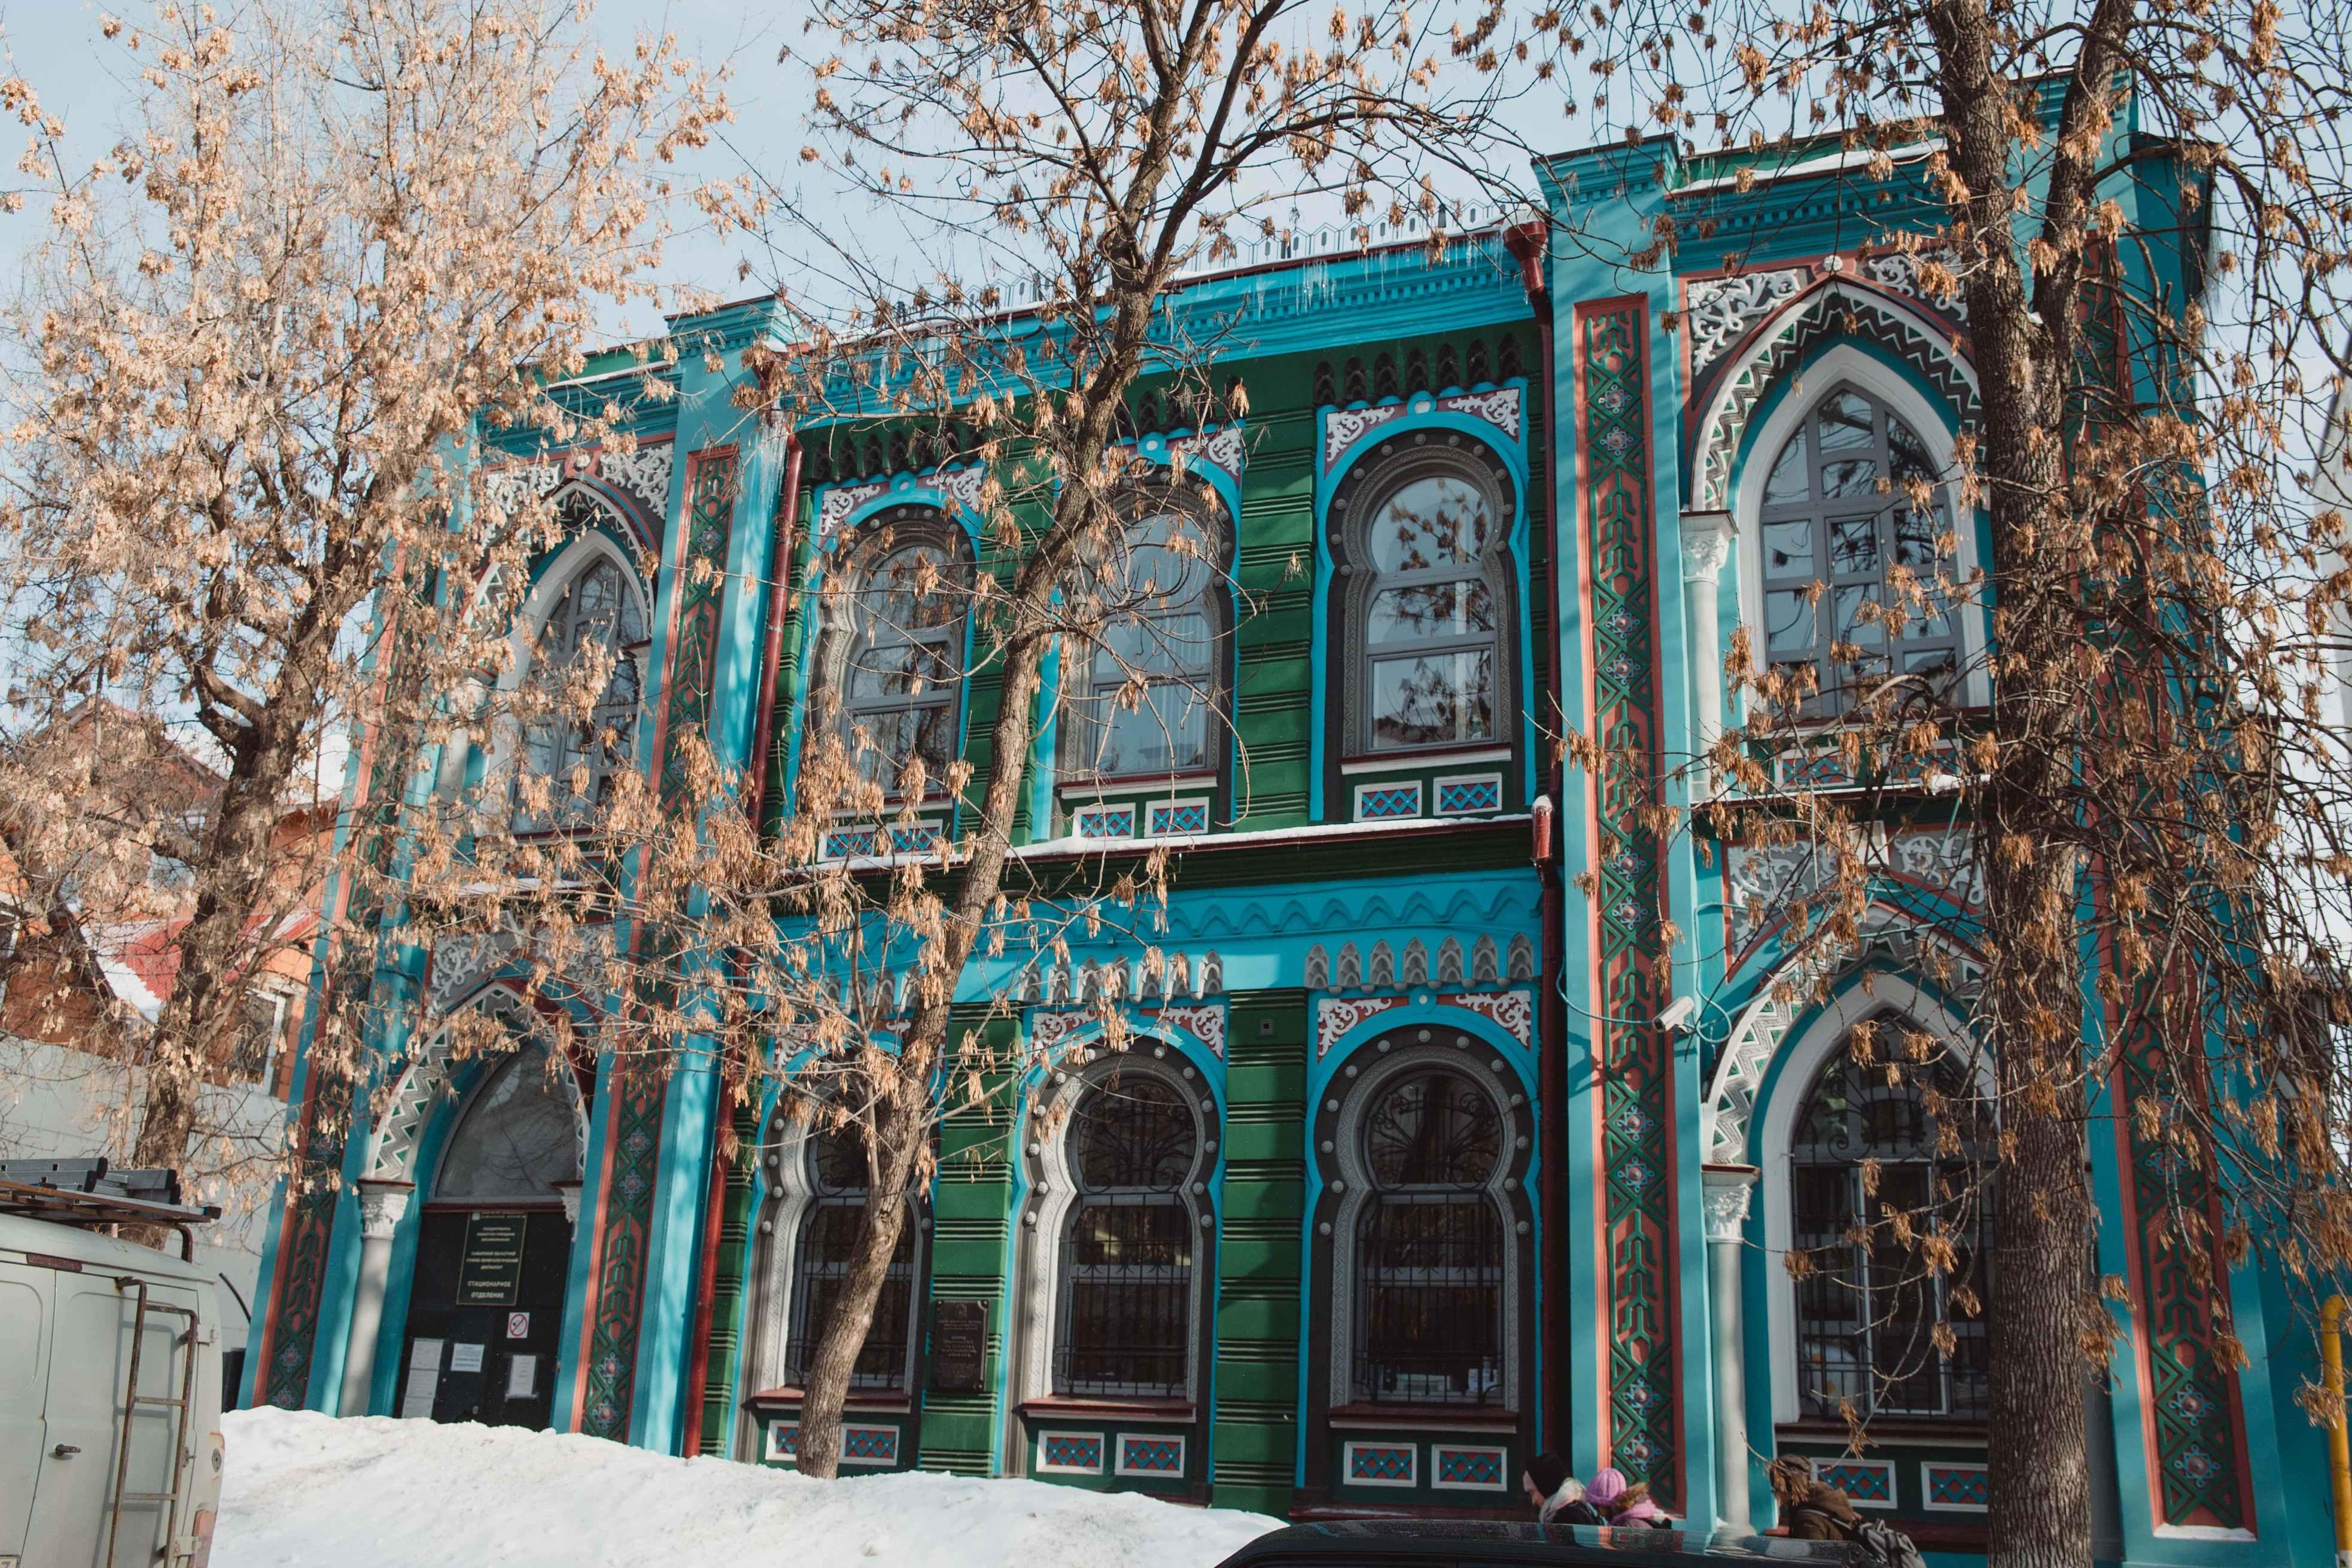 Мавританский стиль в архитектуре Самары